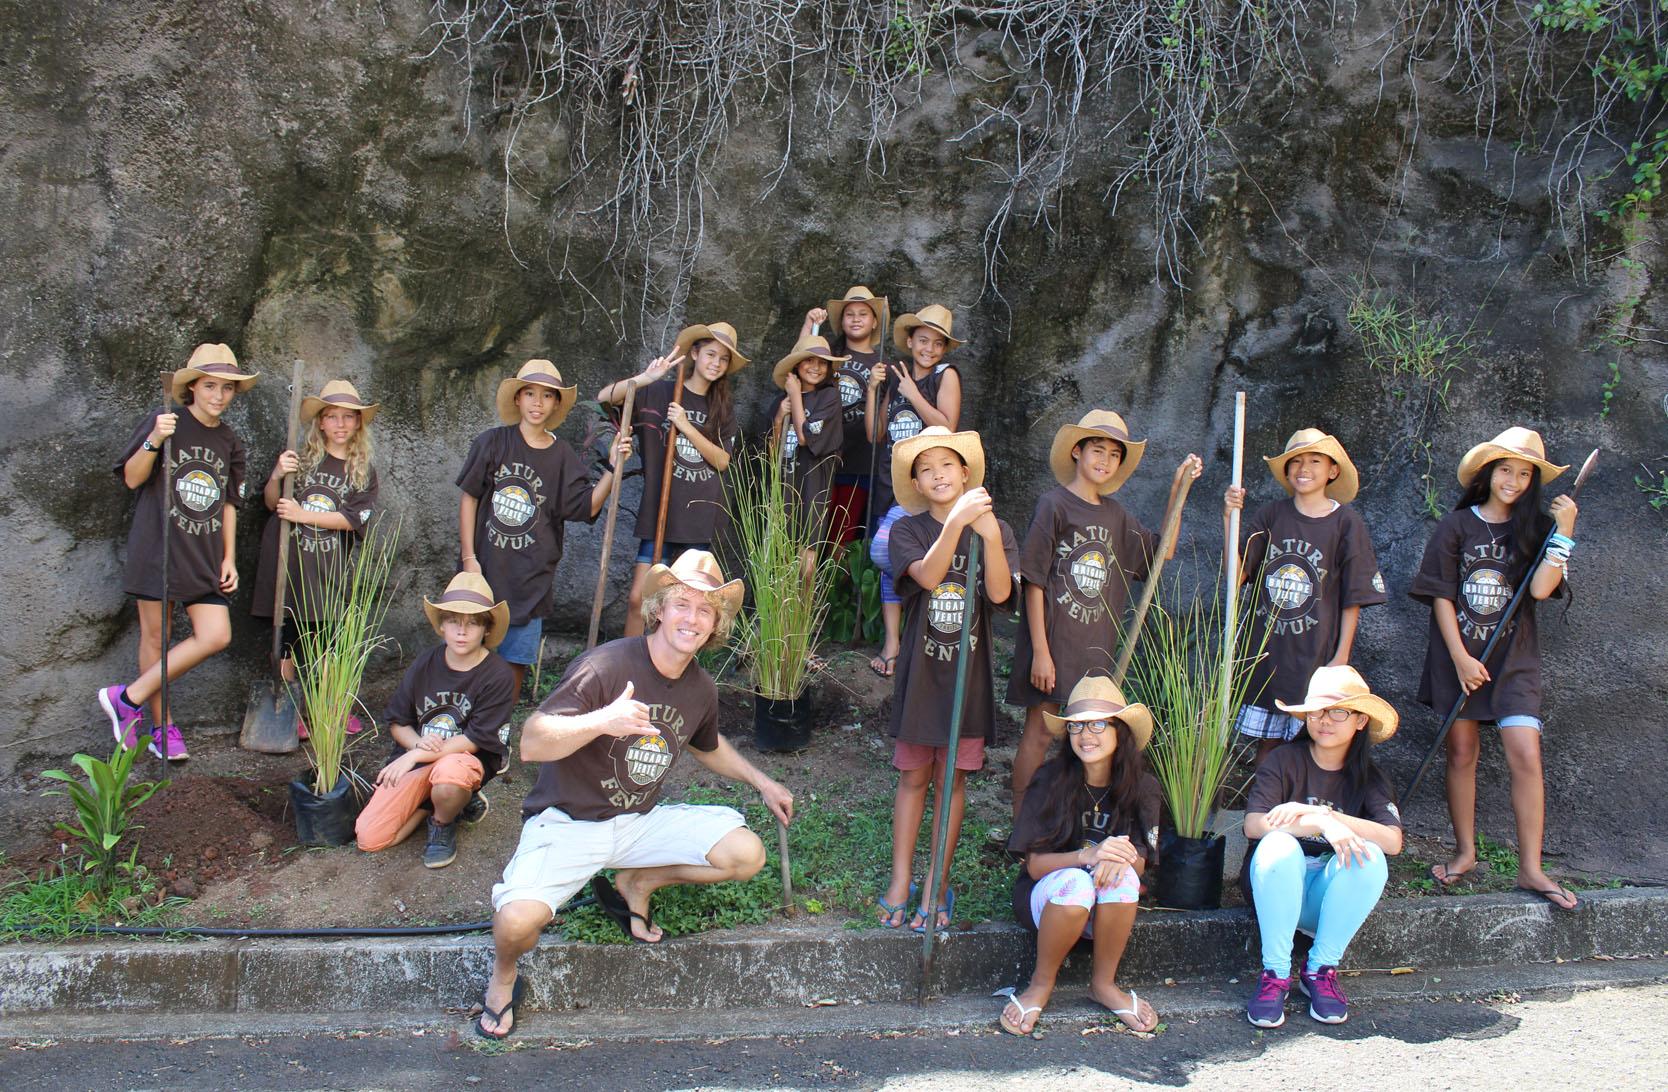 Les élèves auront pour mission de sensibiliser leurs camarades sur l'importance de l'environnement, le tri et le recyclage au sein de l'école, la propreté et la végétalisation de La Mennais.